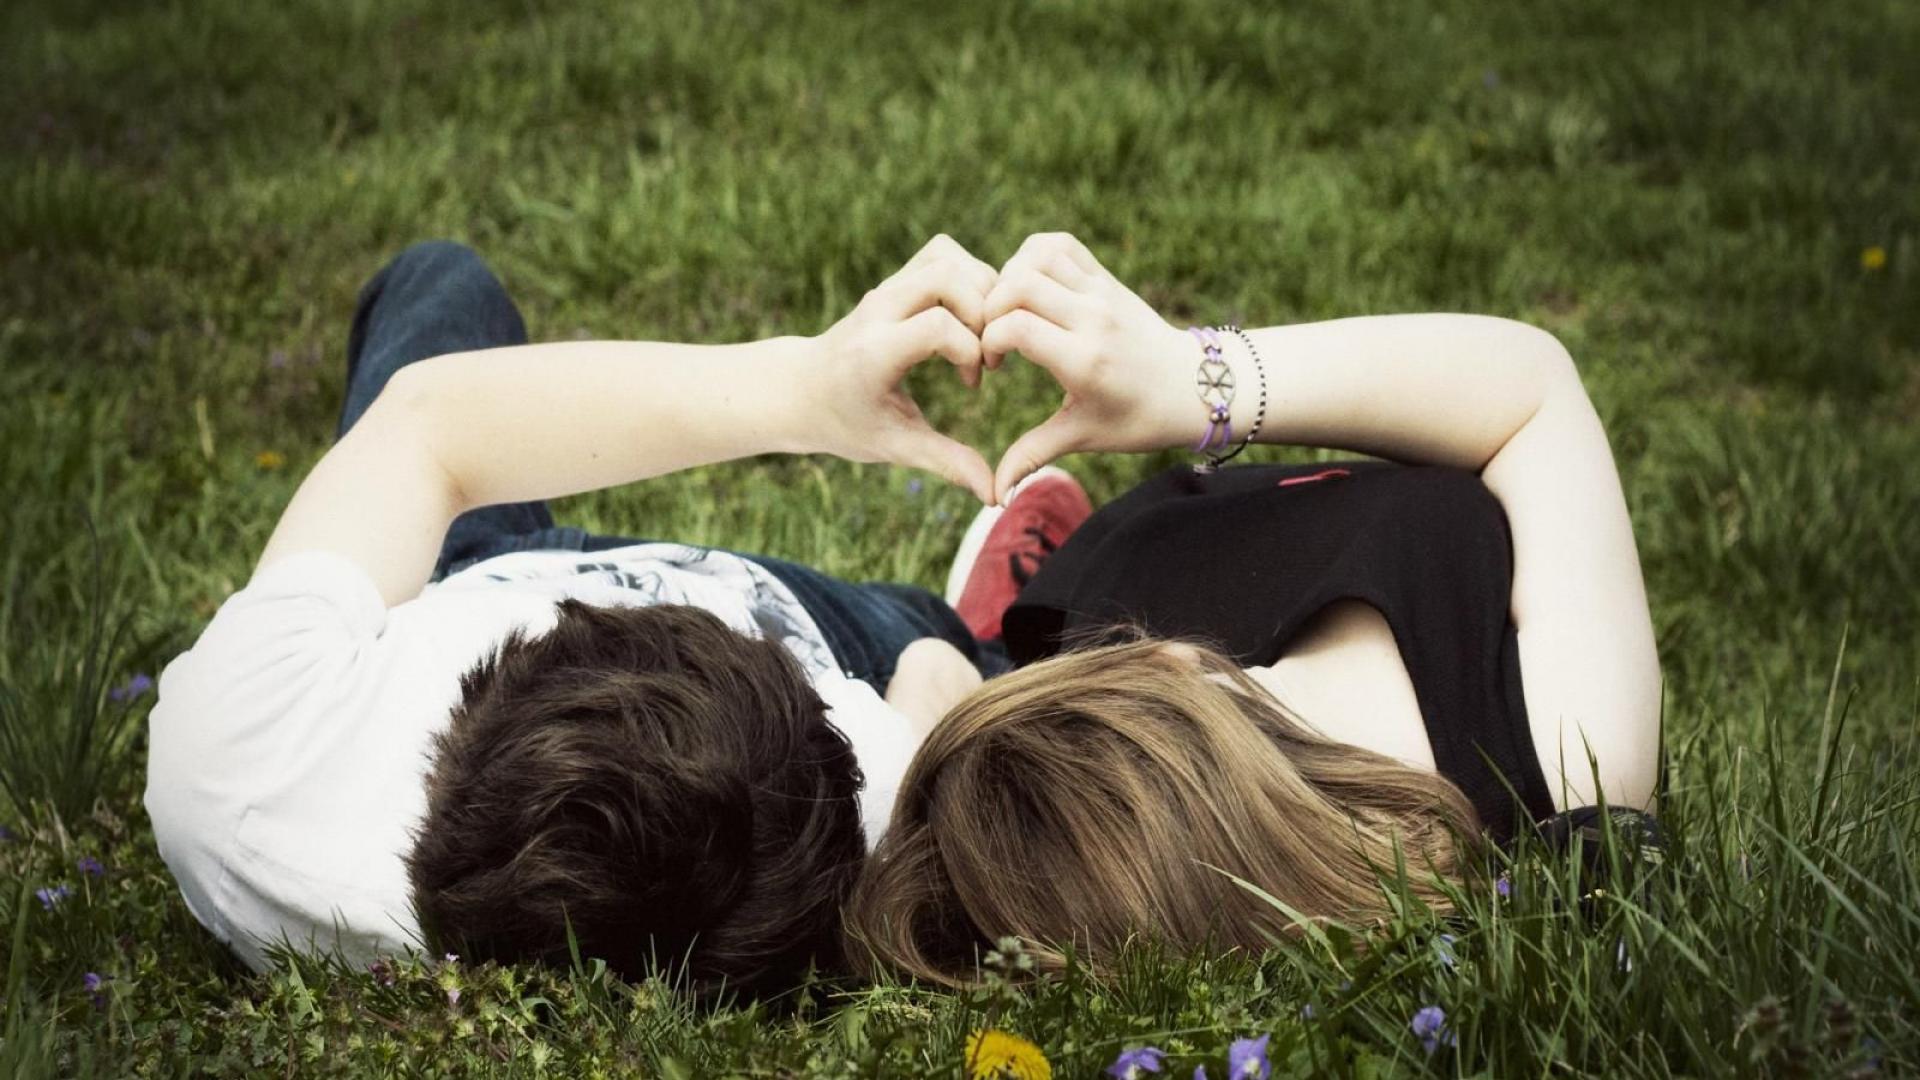 صور احلى صور حب , اجمل صور الحب تحفة